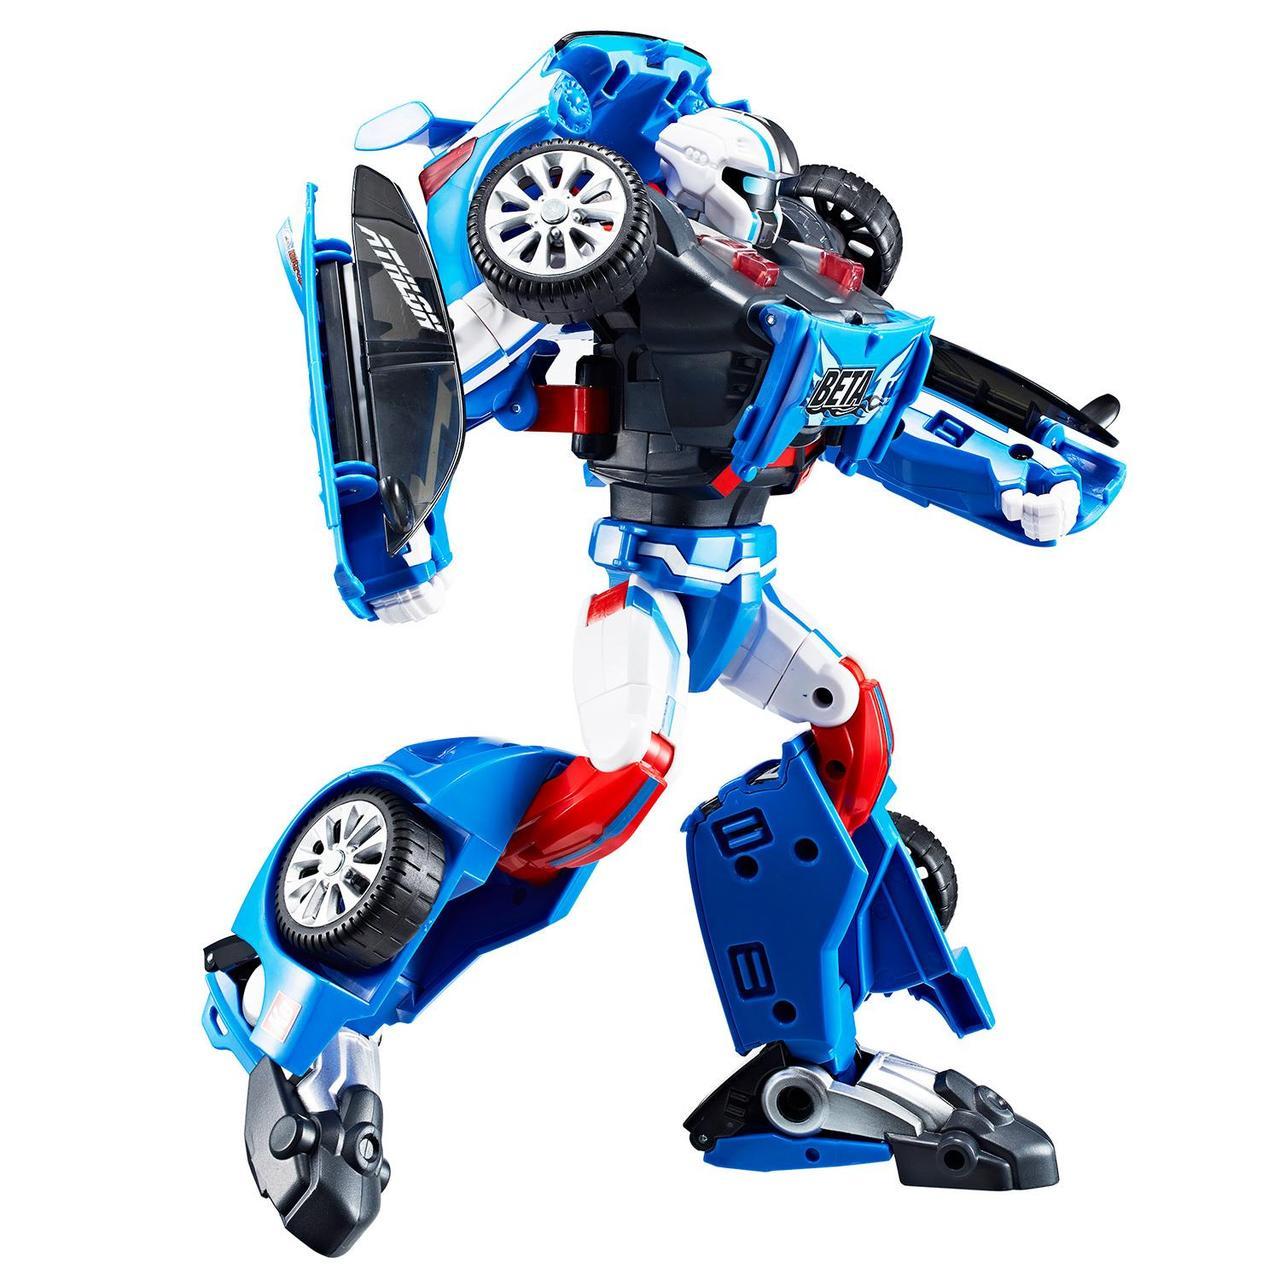 Tobot Робот-трансформер Тобот Атлон Бета S1